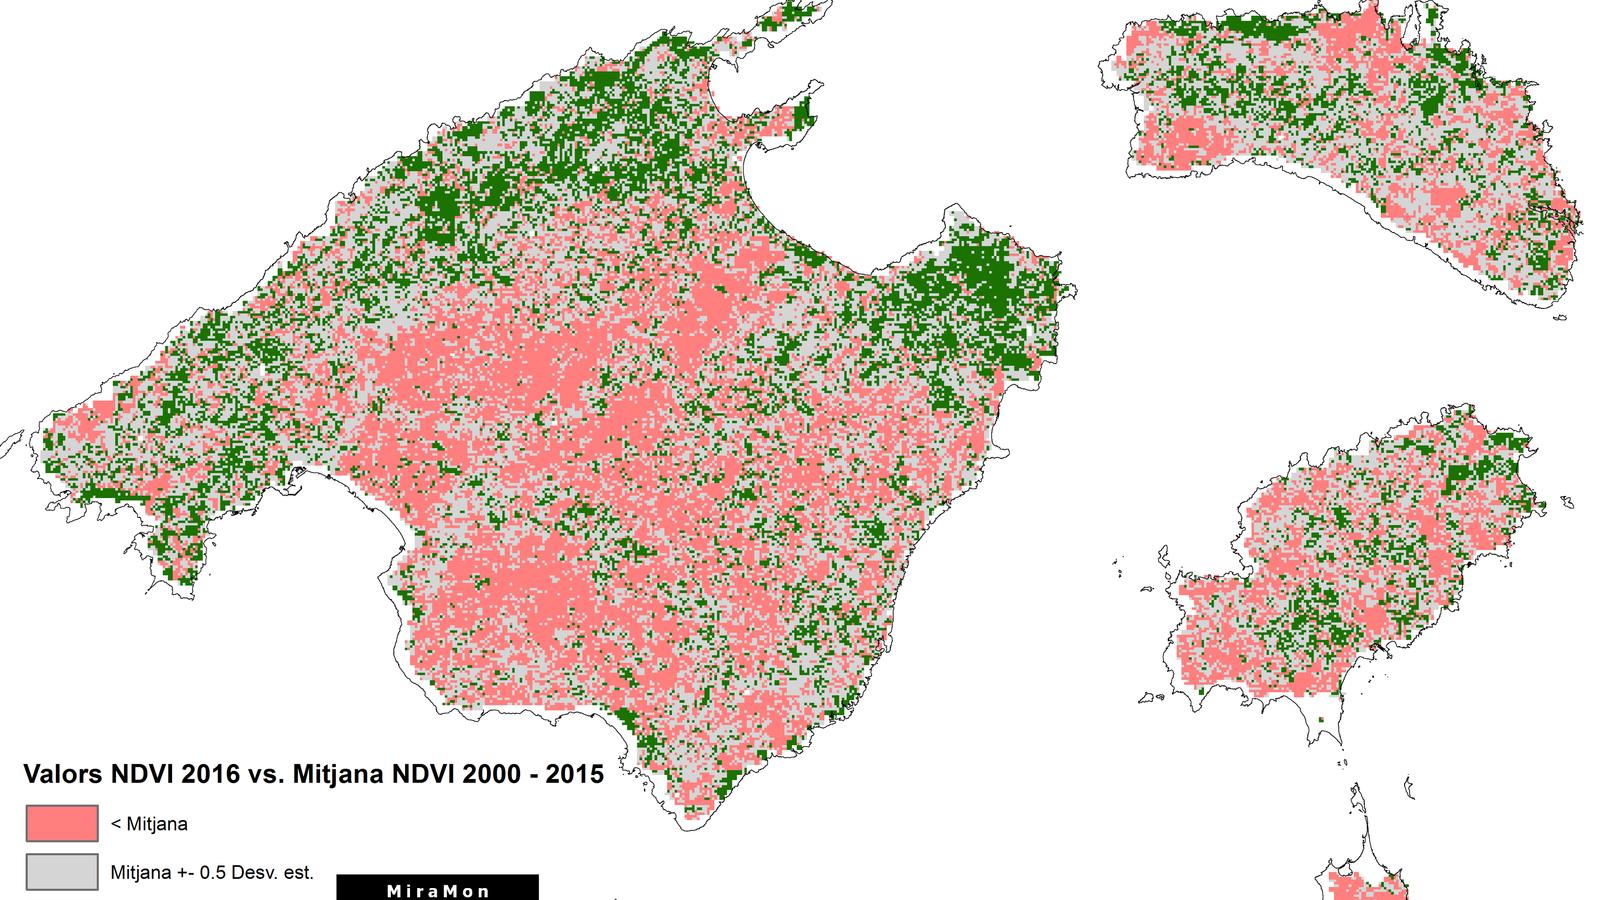 FIGURA 2. Mapa d'anomalies que reflecteix la pèrdua/augment de vigor de la vegetació de la darrera quinzena d'abril d'enguany amb la mitjana dels darrers 15 anys. / NASA